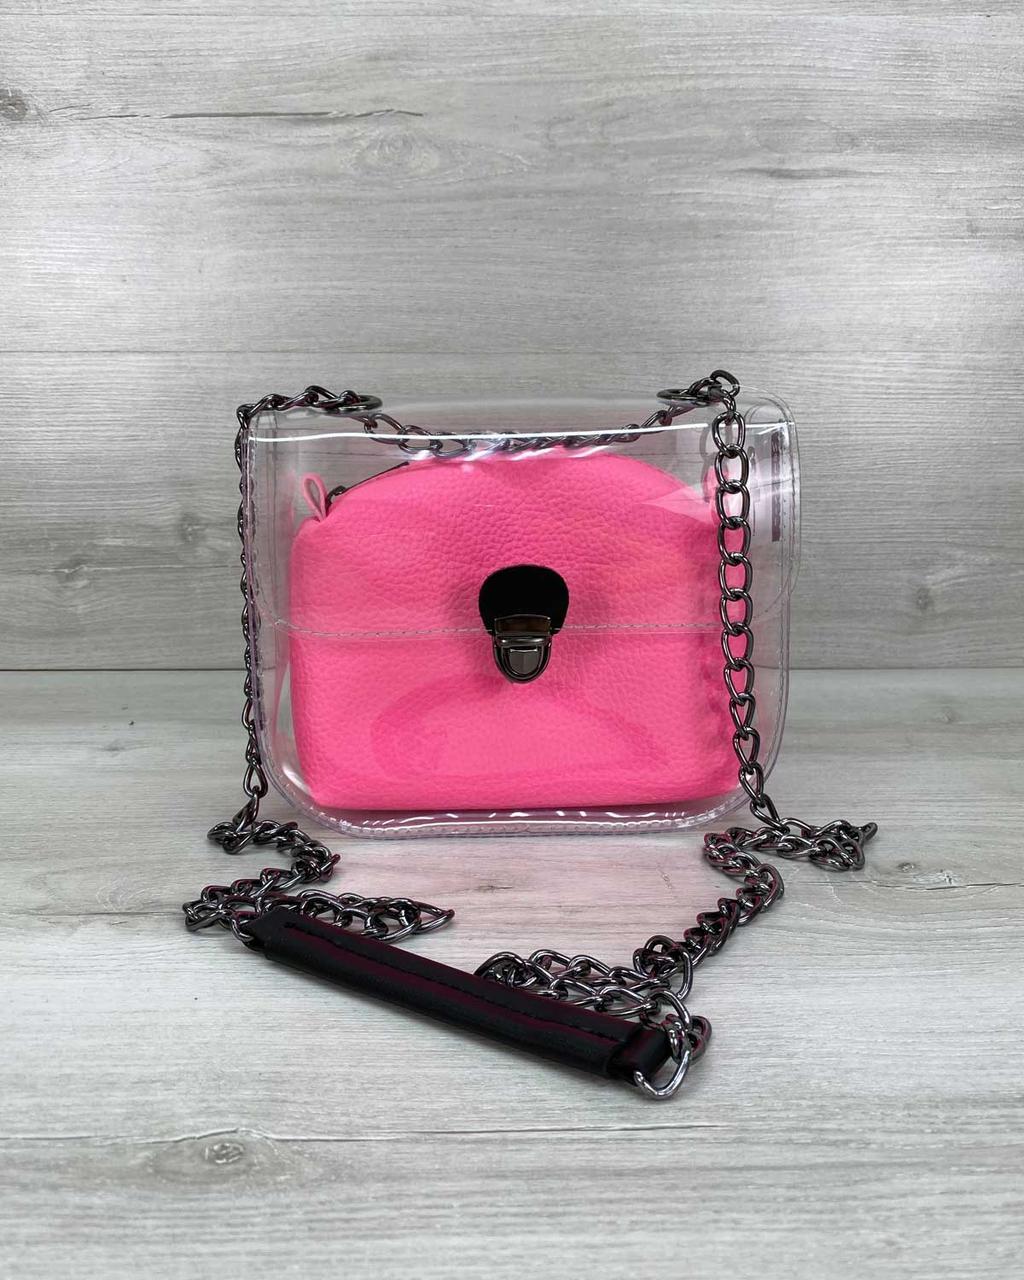 Силиконовая прозрачная сумка клатч на цепочке с розовой косметичкой молодежная